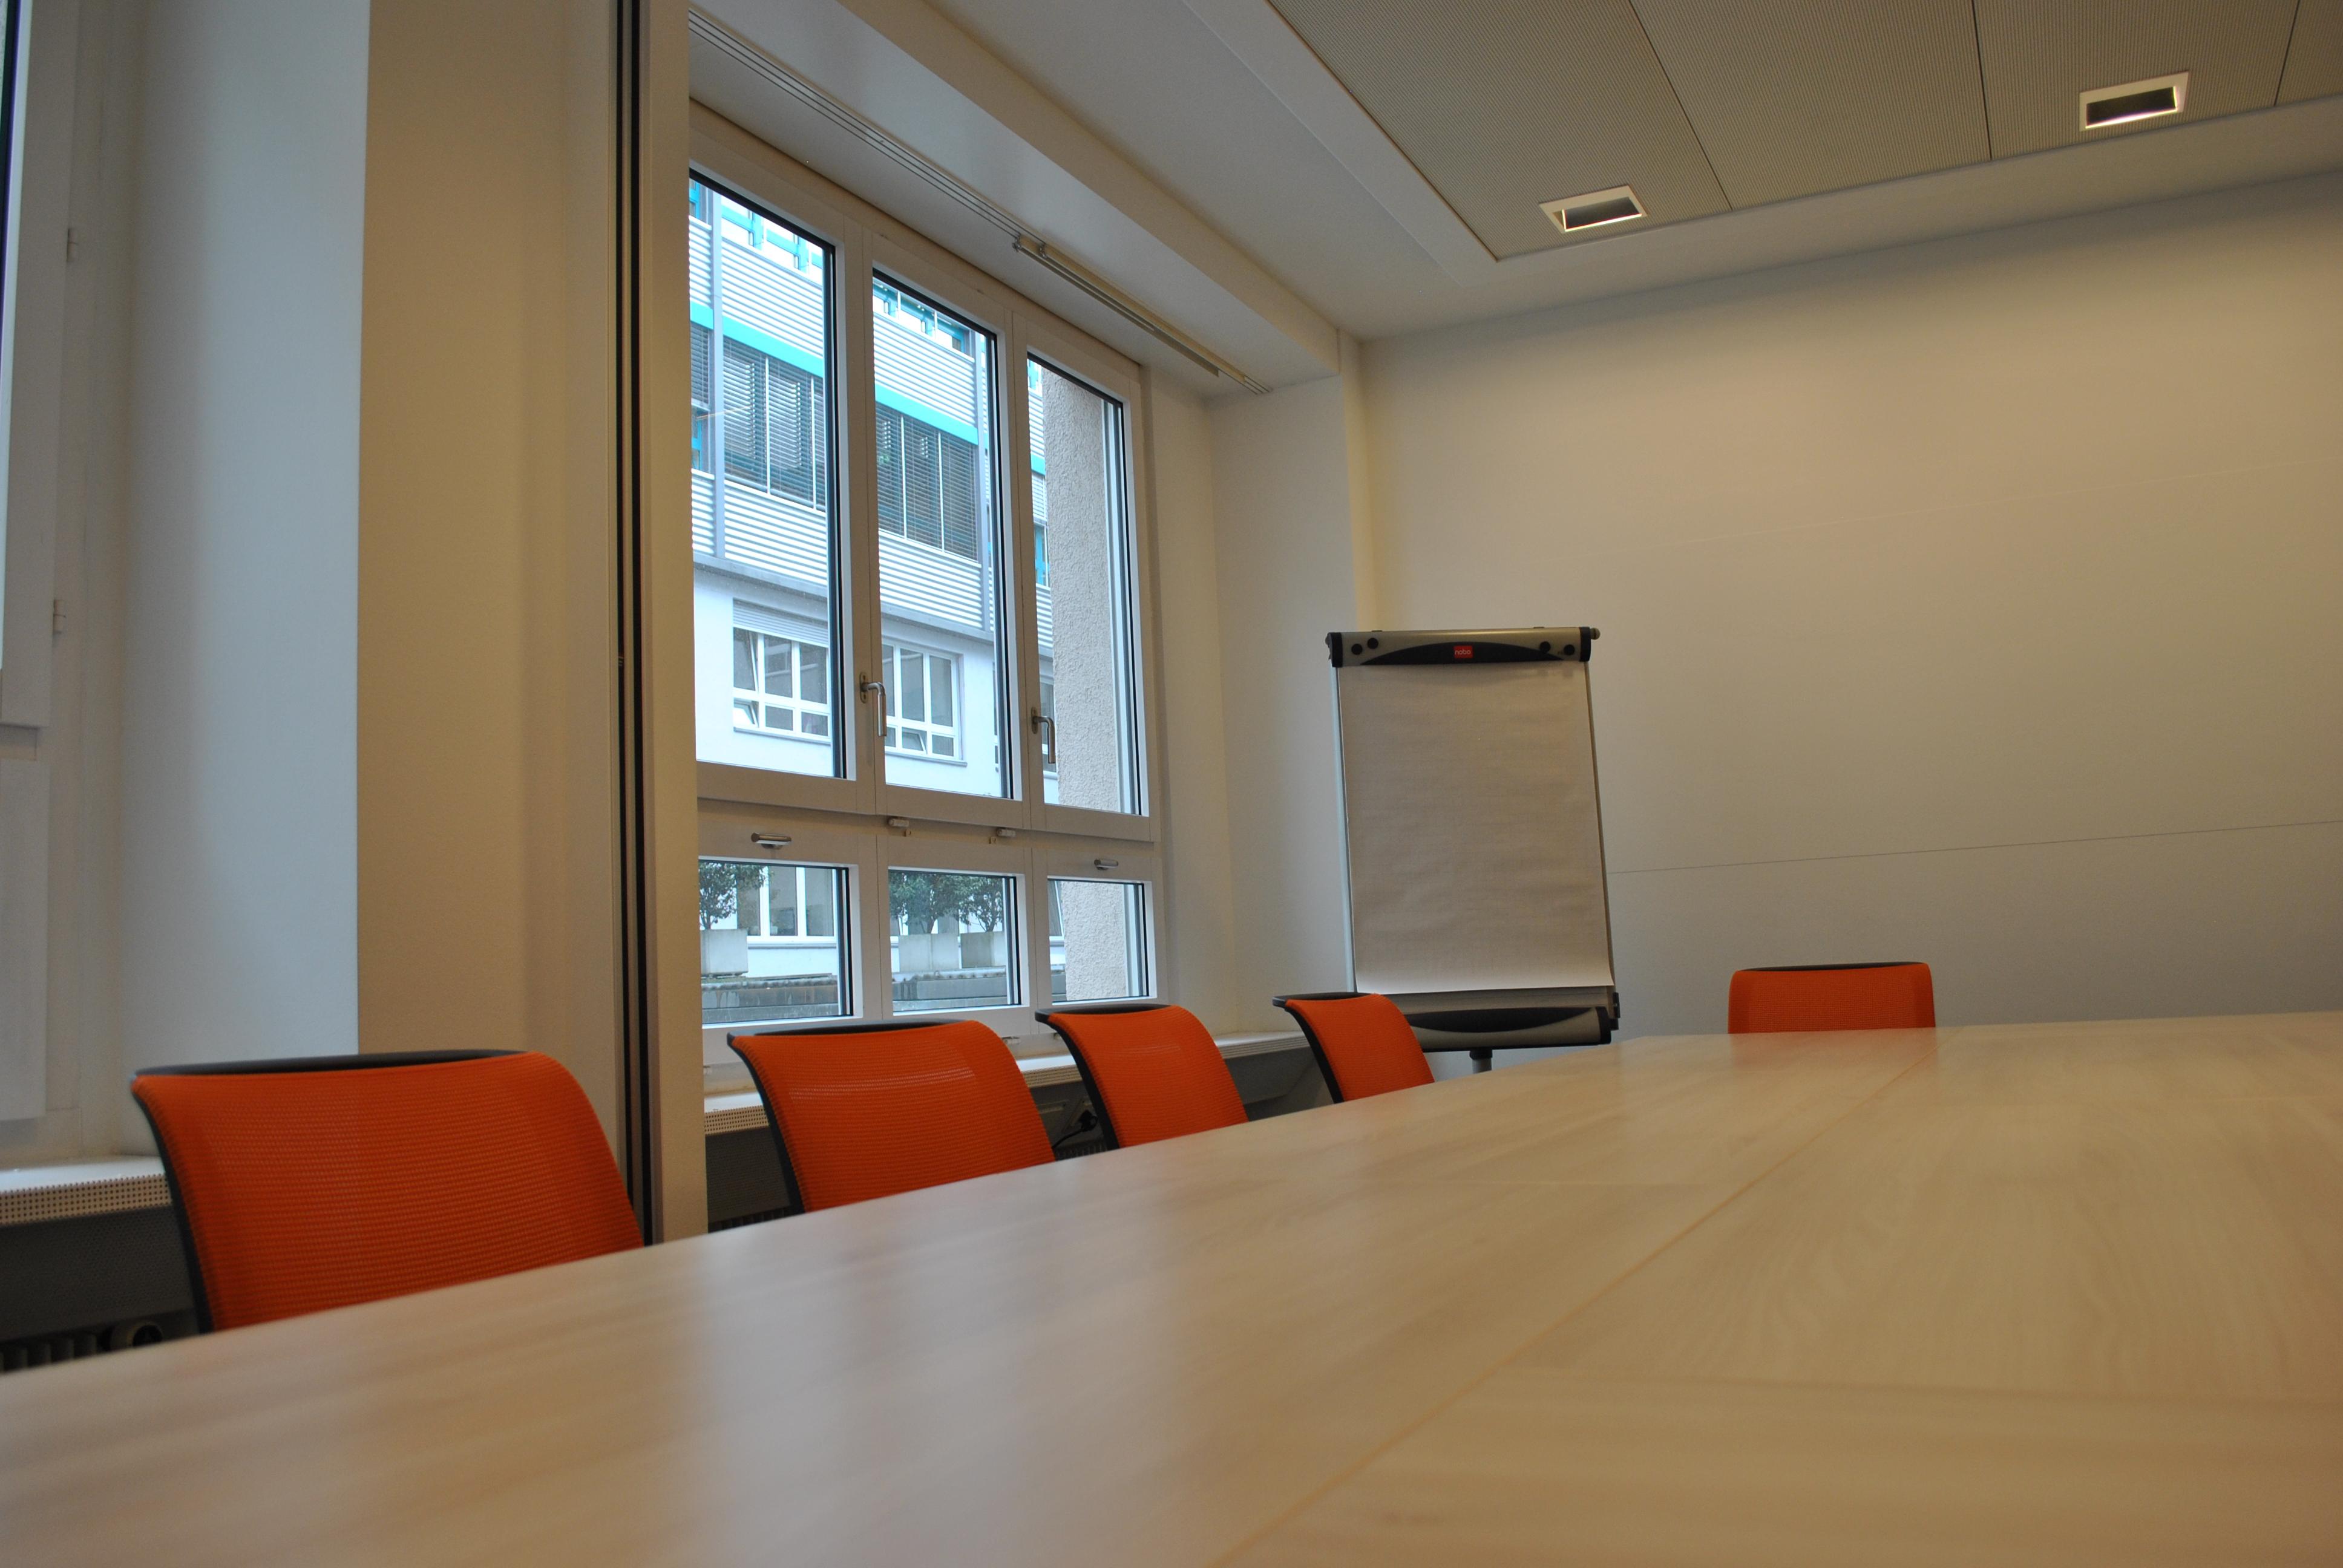 Seminar / Meeting room